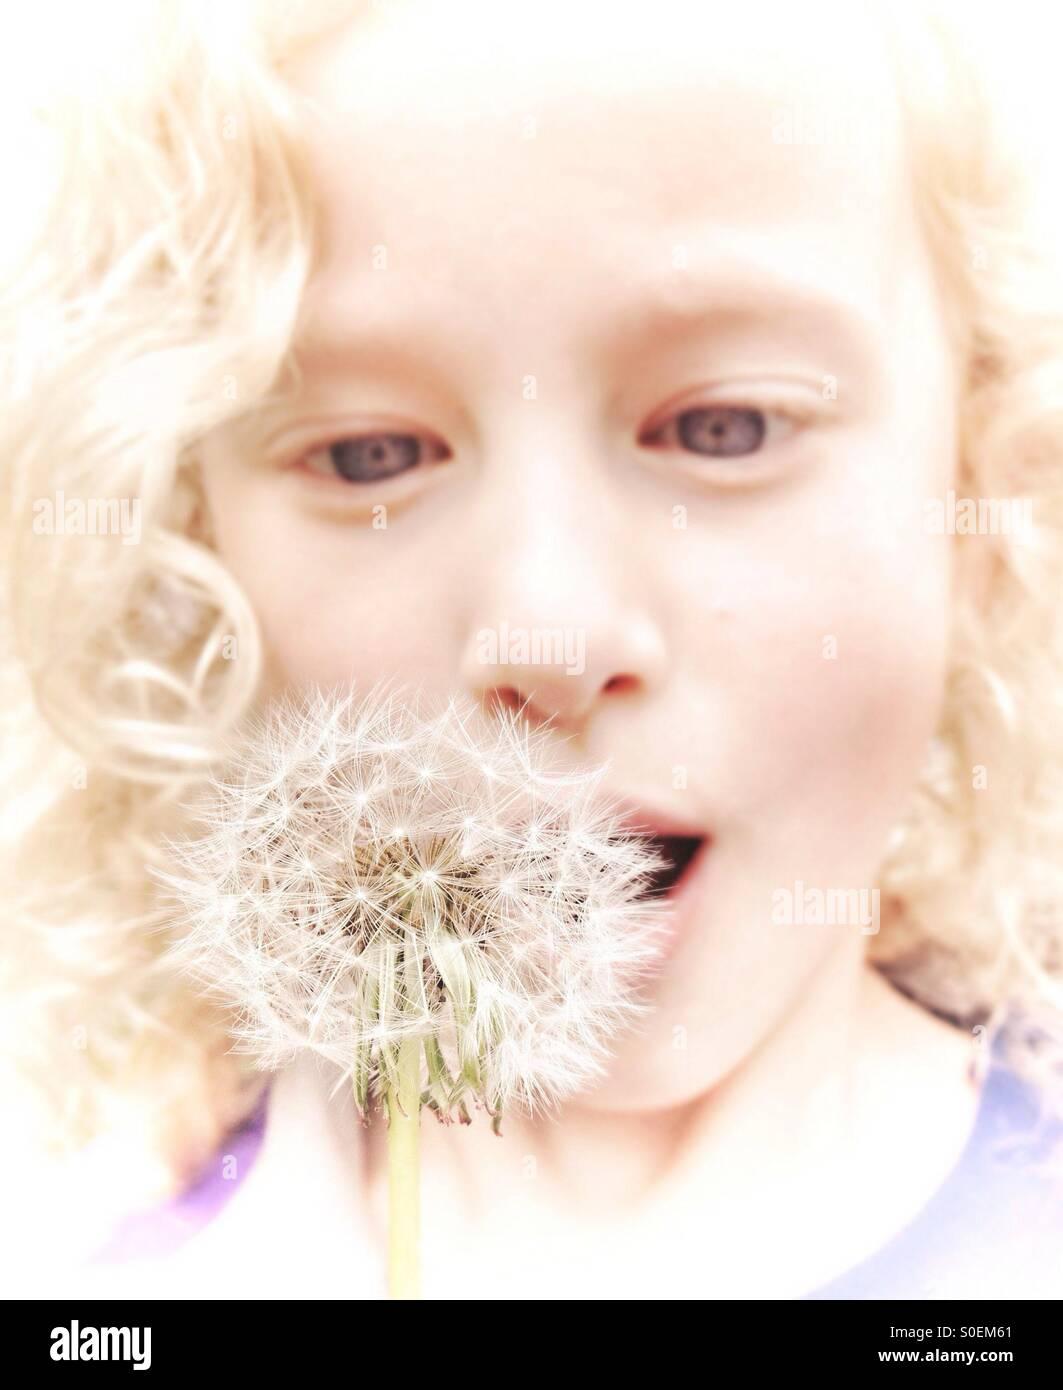 Junges Mädchen bläst auf Löwenzahn Samen Kopf Stockbild